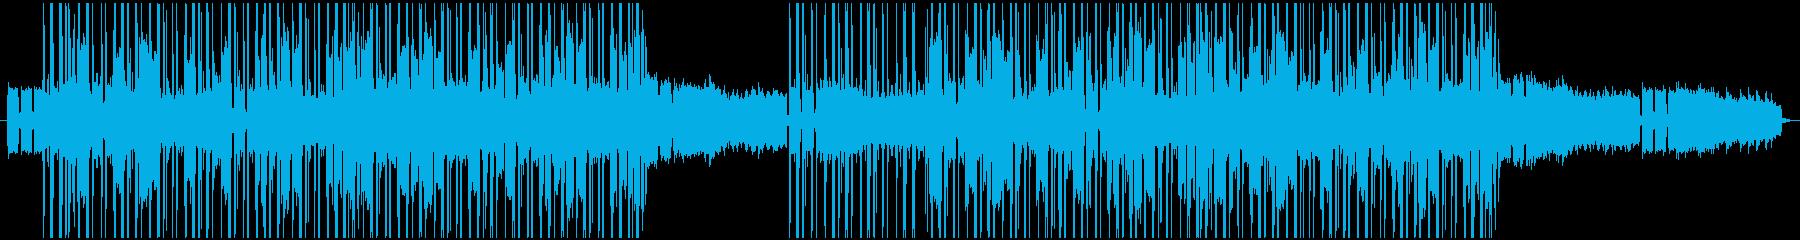 明るい気分のヒップホップの再生済みの波形